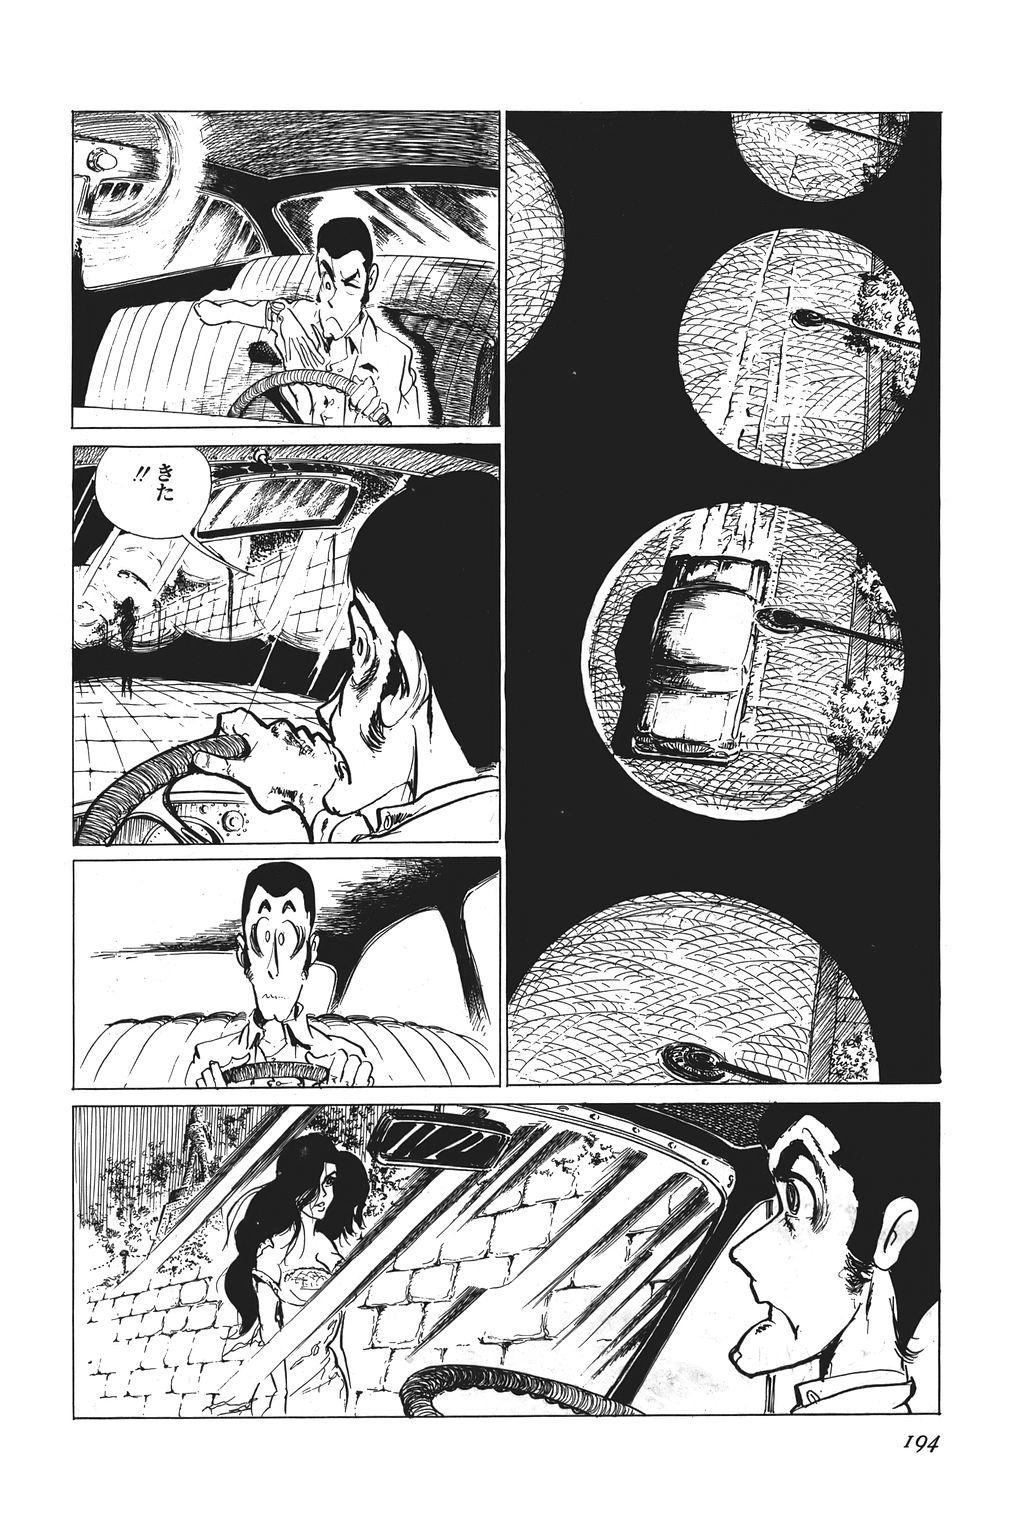 Lupin3rd_Comic_194.jpg